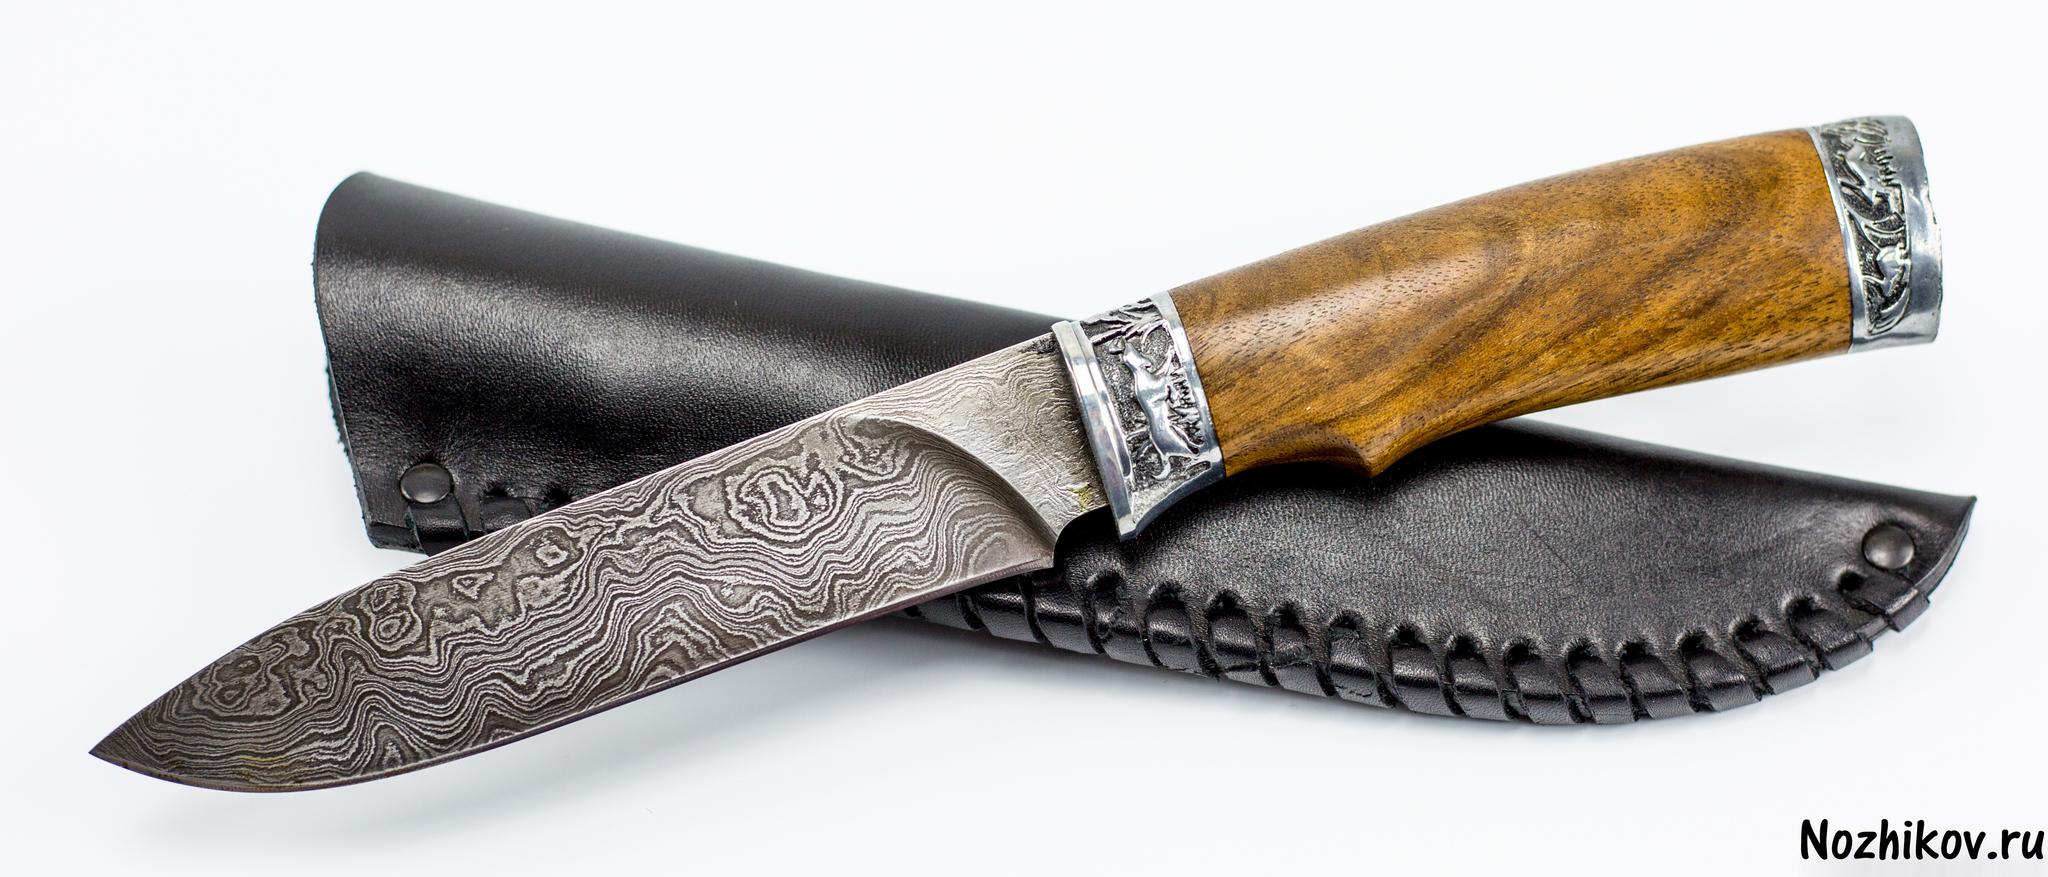 Фото 4 - Авторский Нож из Дамаска №33, Кизляр от Noname